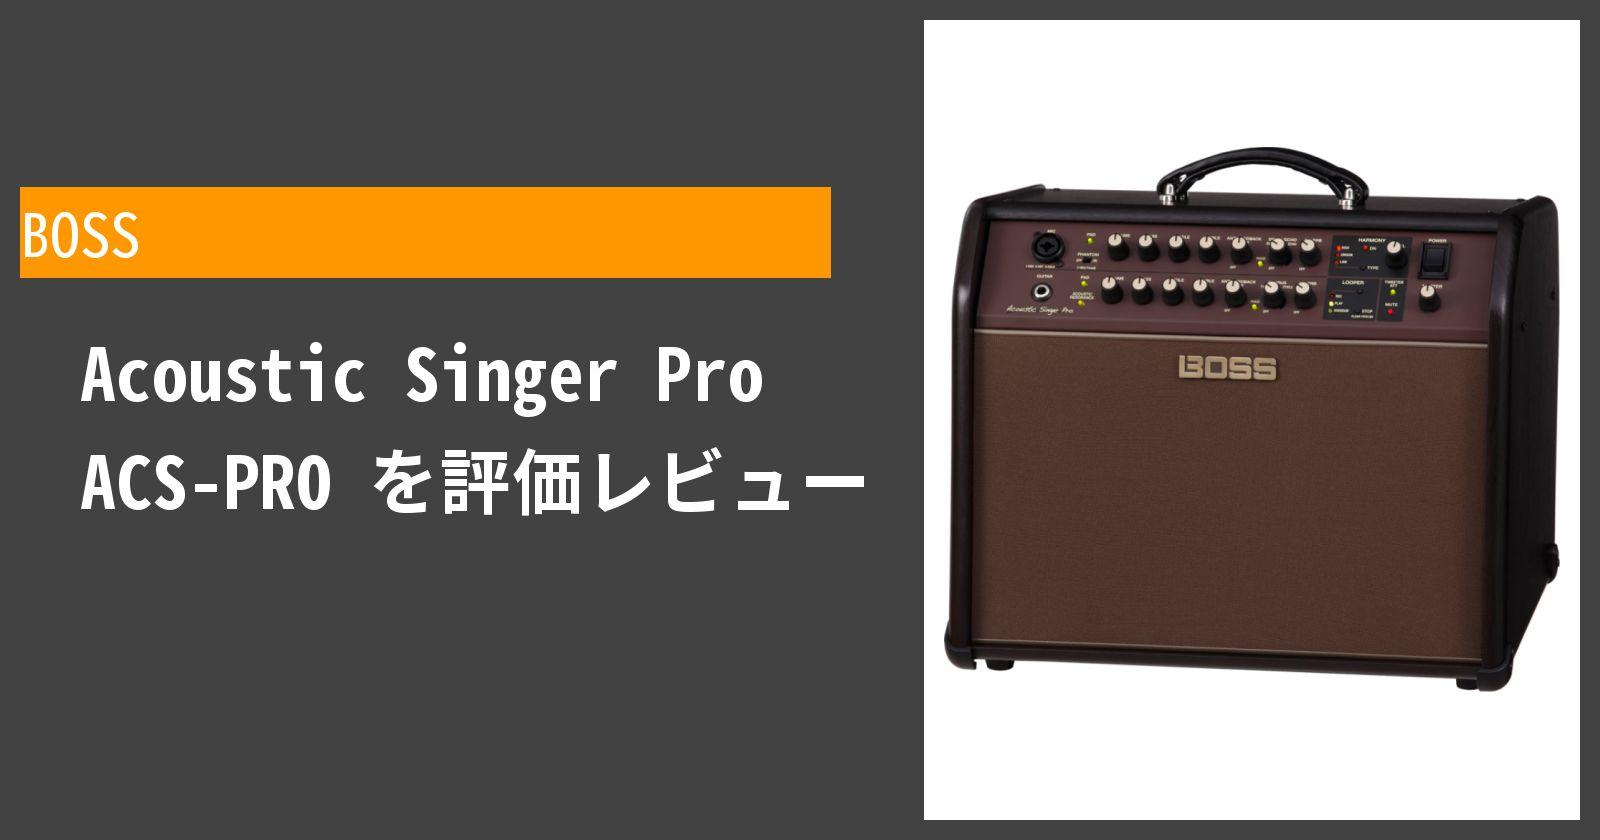 Acoustic Singer Pro ACS-PROを徹底評価